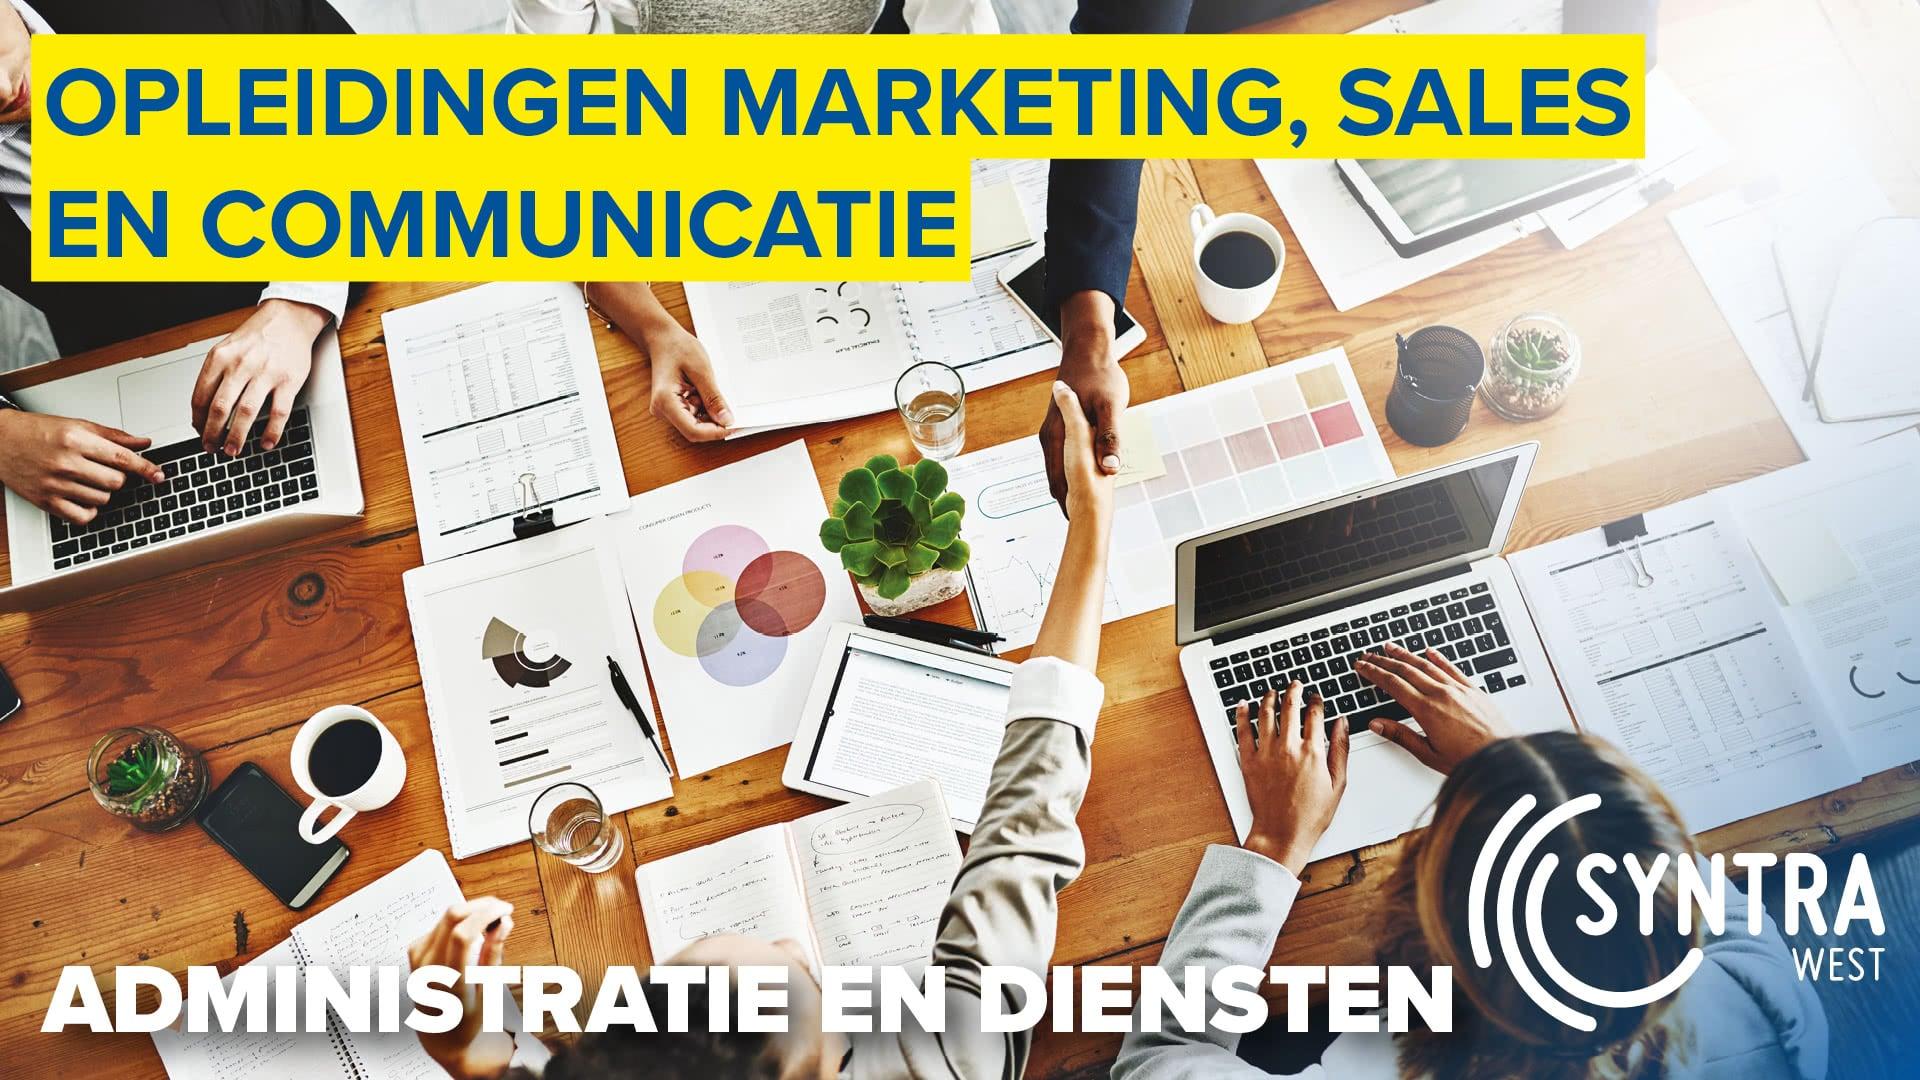 Opleidingen marketing, sales en communicatie